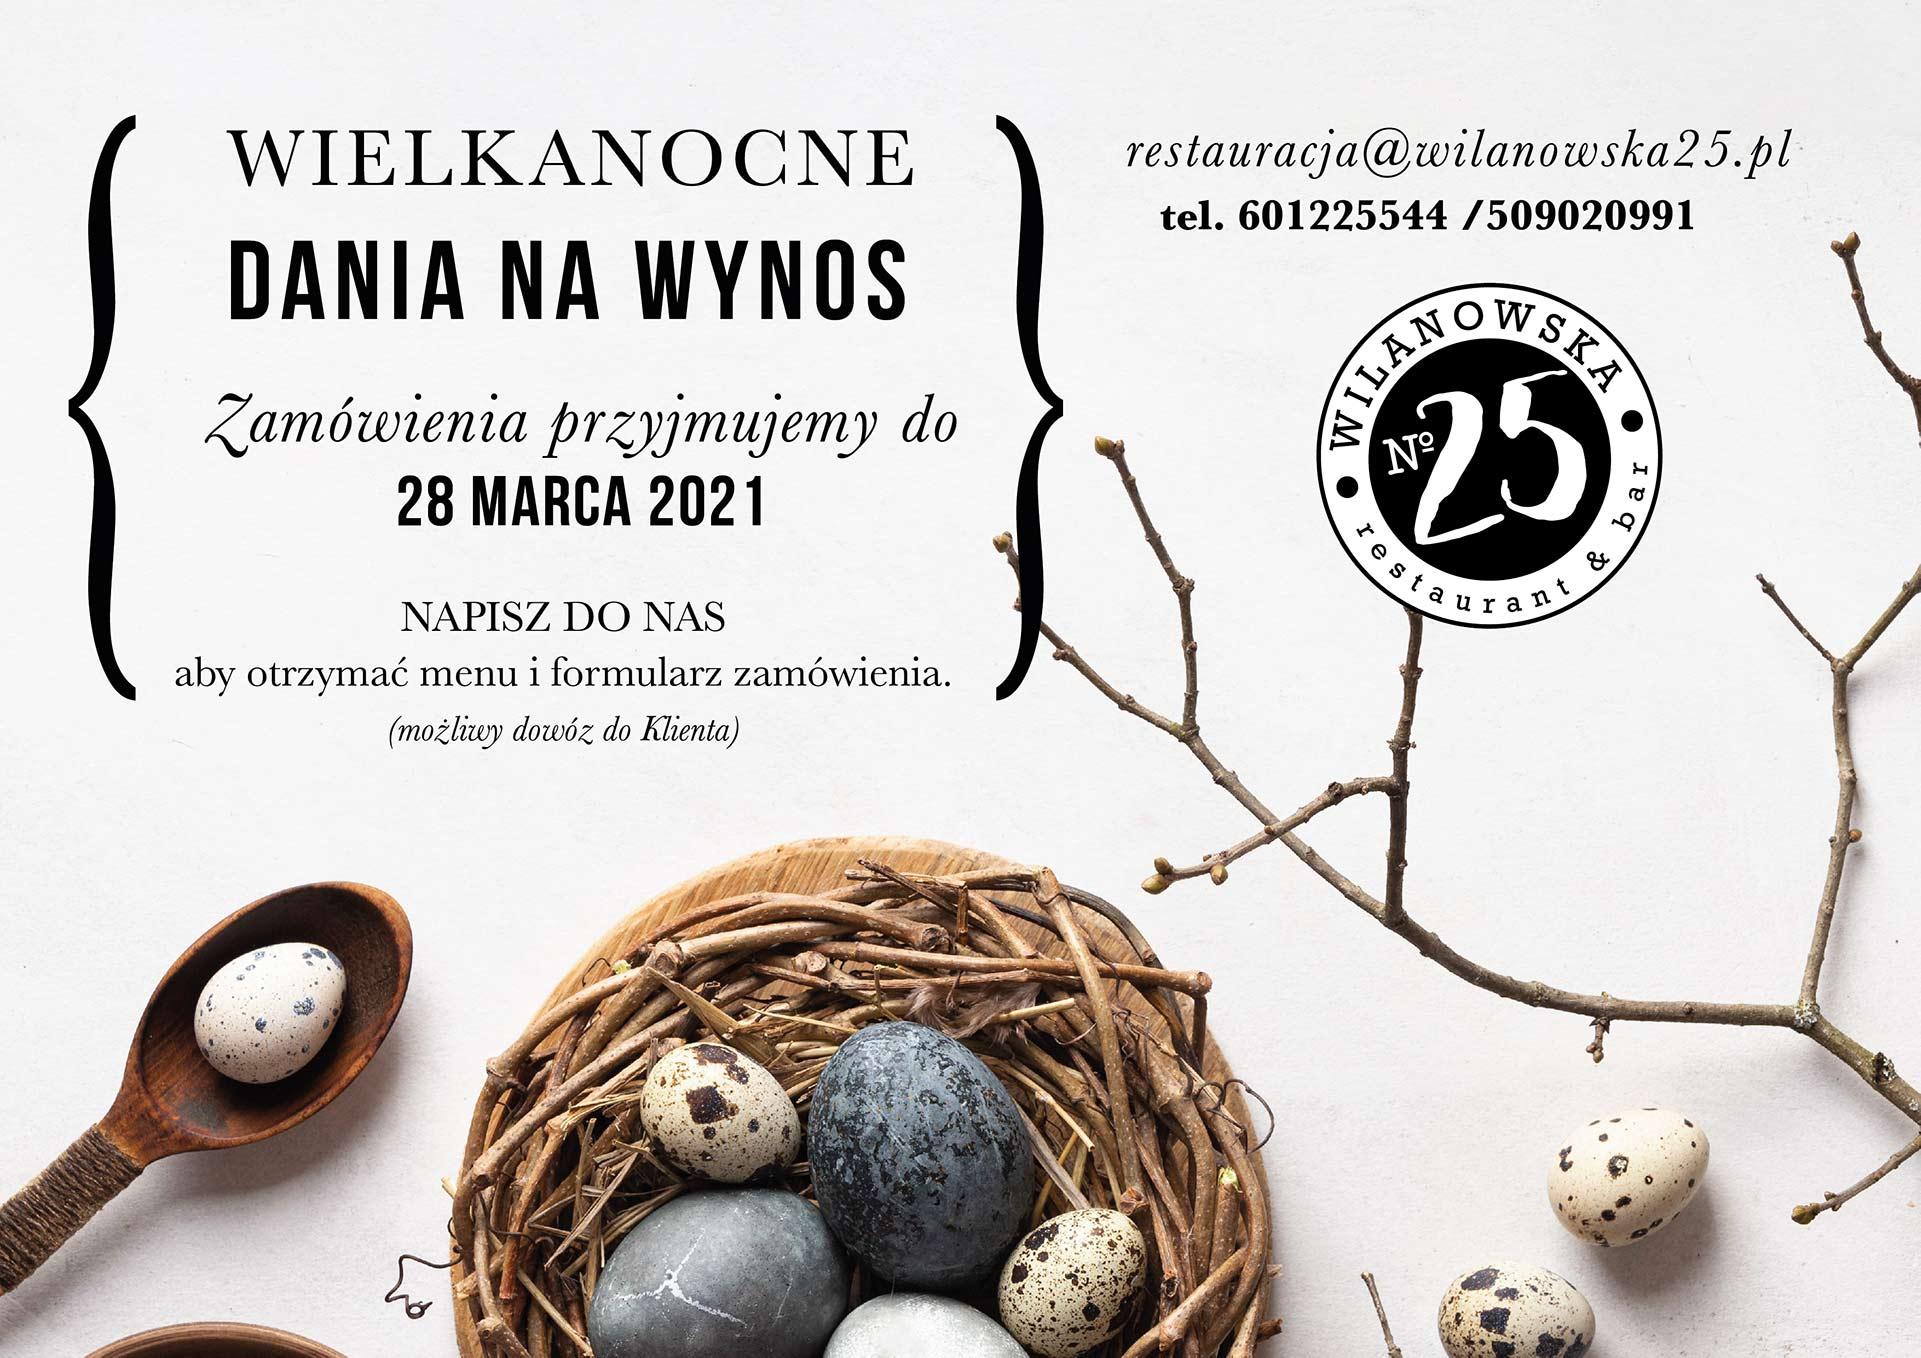 Wielkanoc_Wilanowska-25